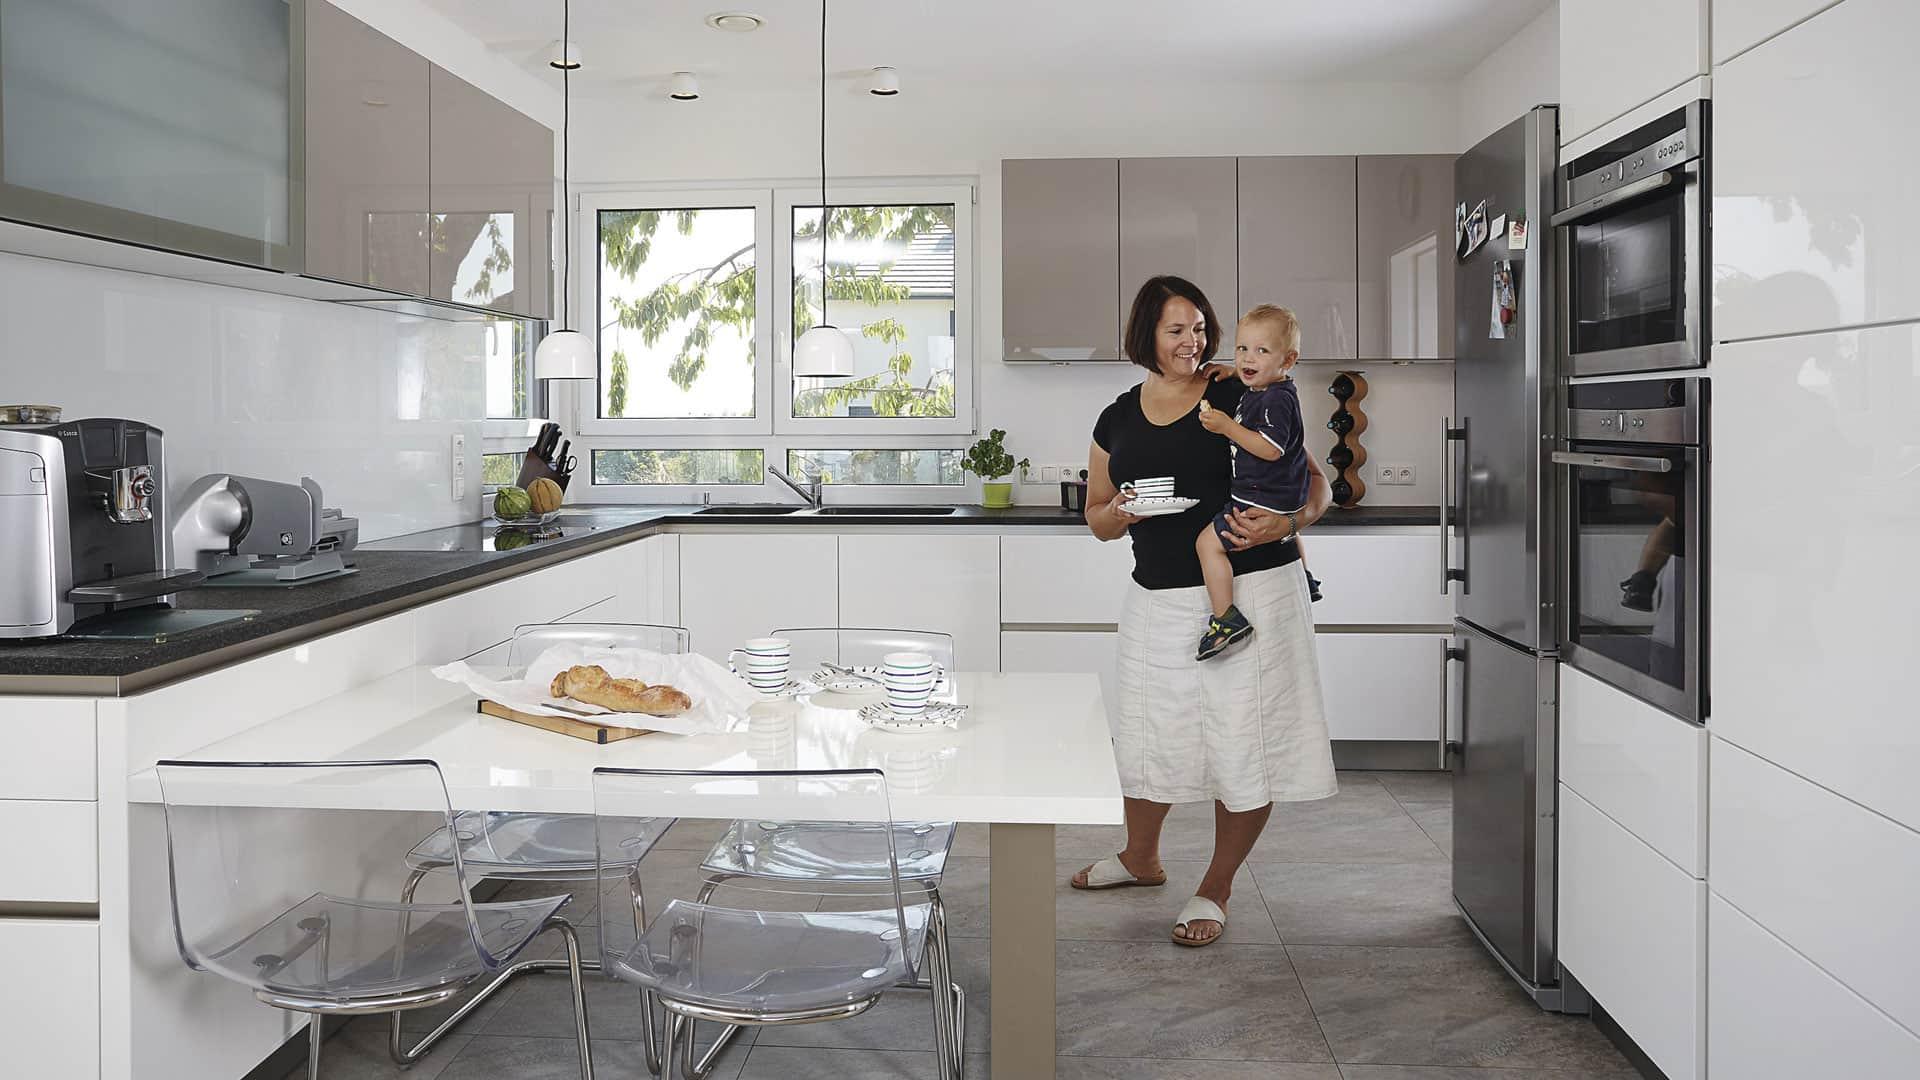 Wohnen im WeberHaus: Offener Küchenbereich